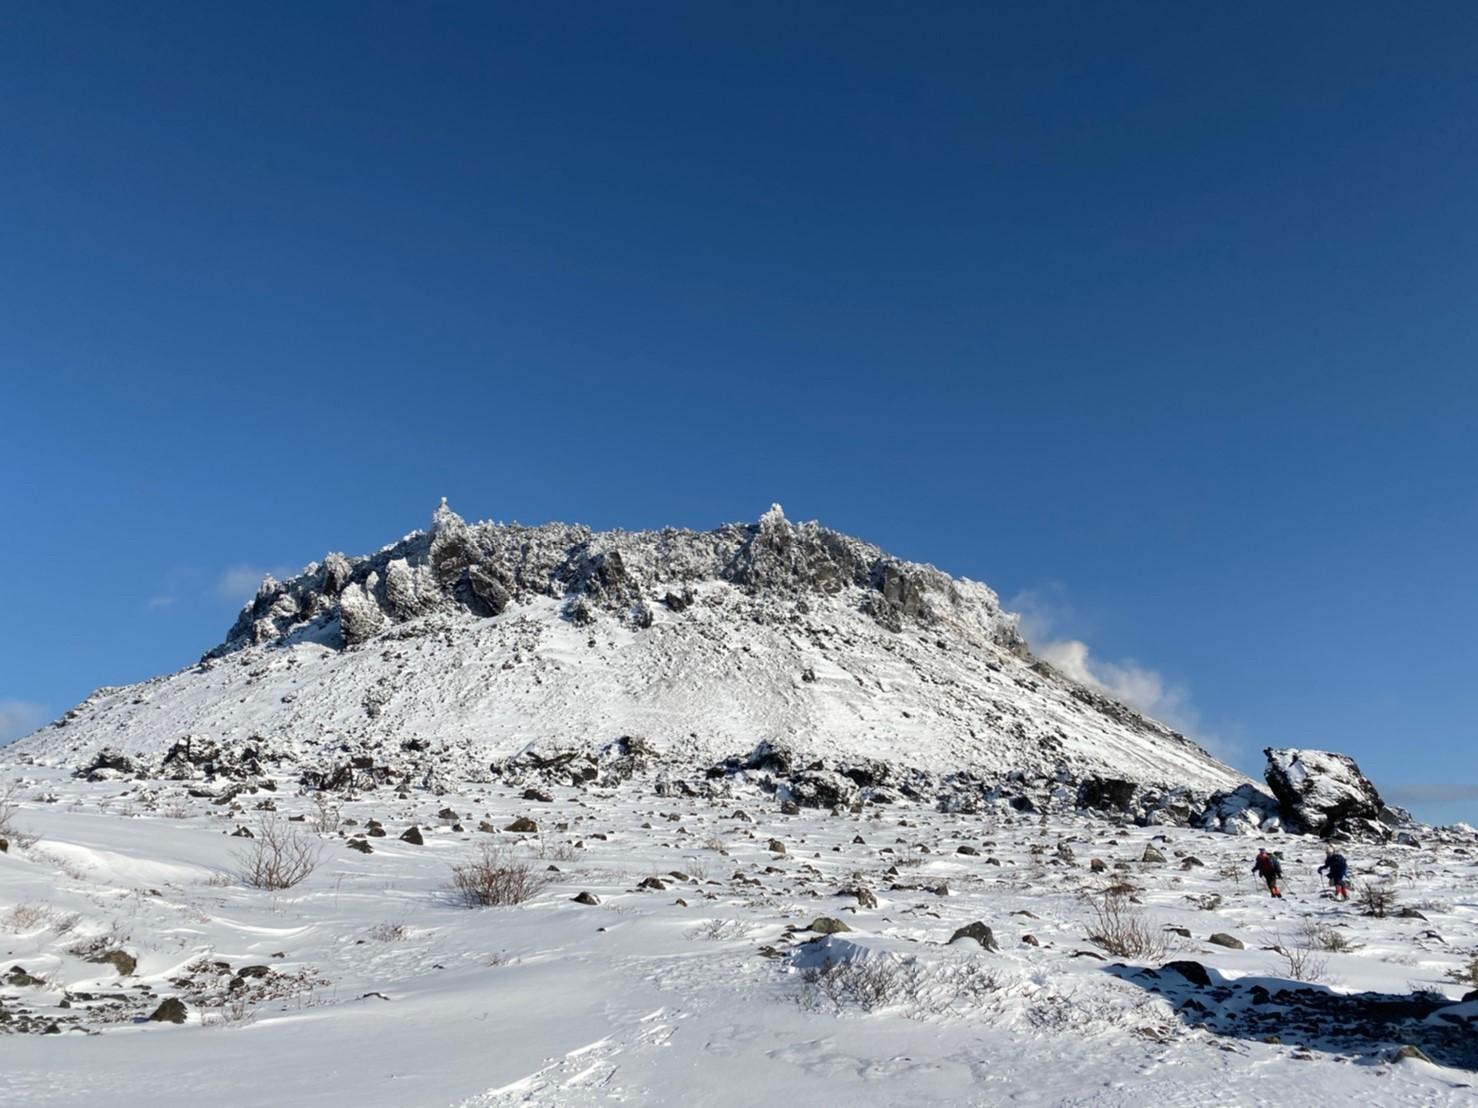 樽前山(北山)と苔の洞門、2019.12.15ー同行者からの写真ー_f0138096_23455147.jpg